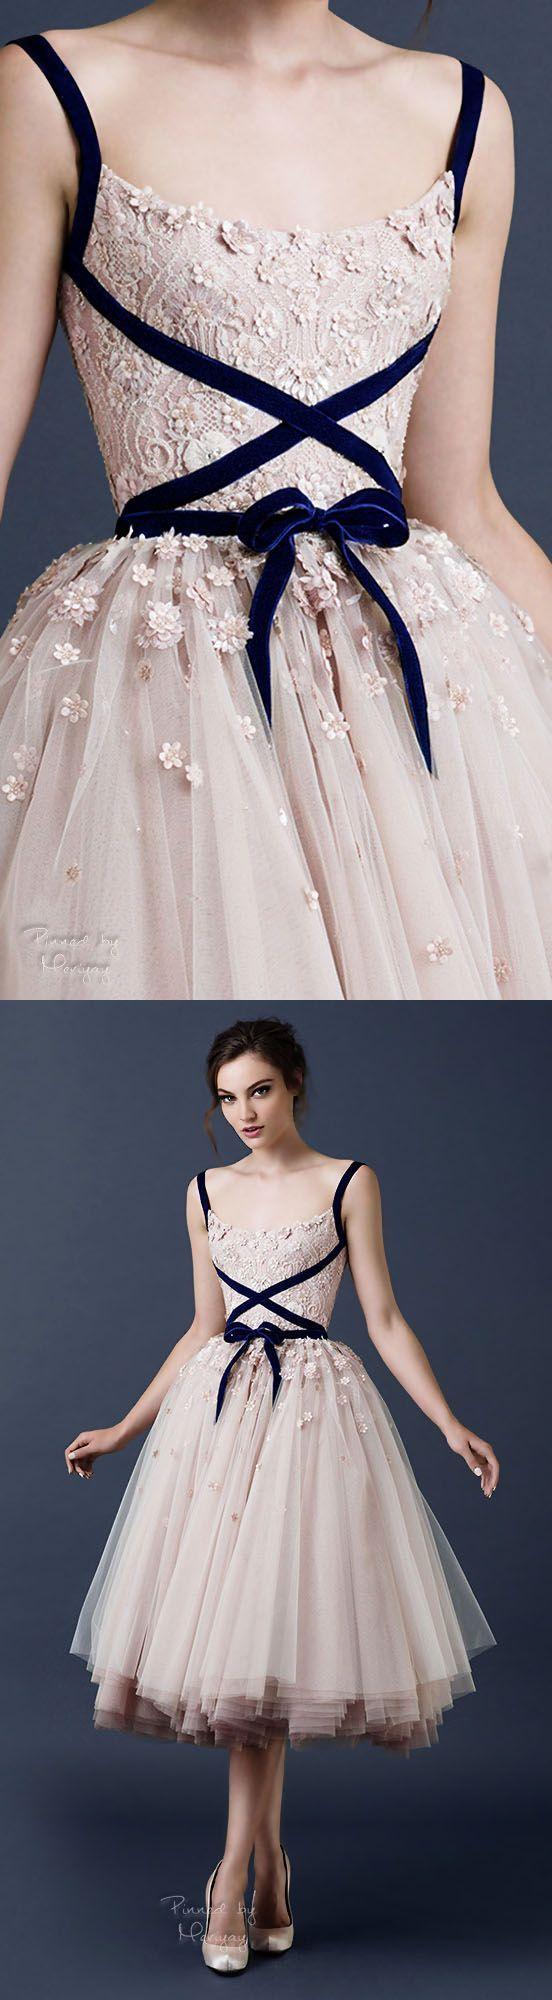 Vestido de novia y tips para el mejor vestido y todo para tu boda